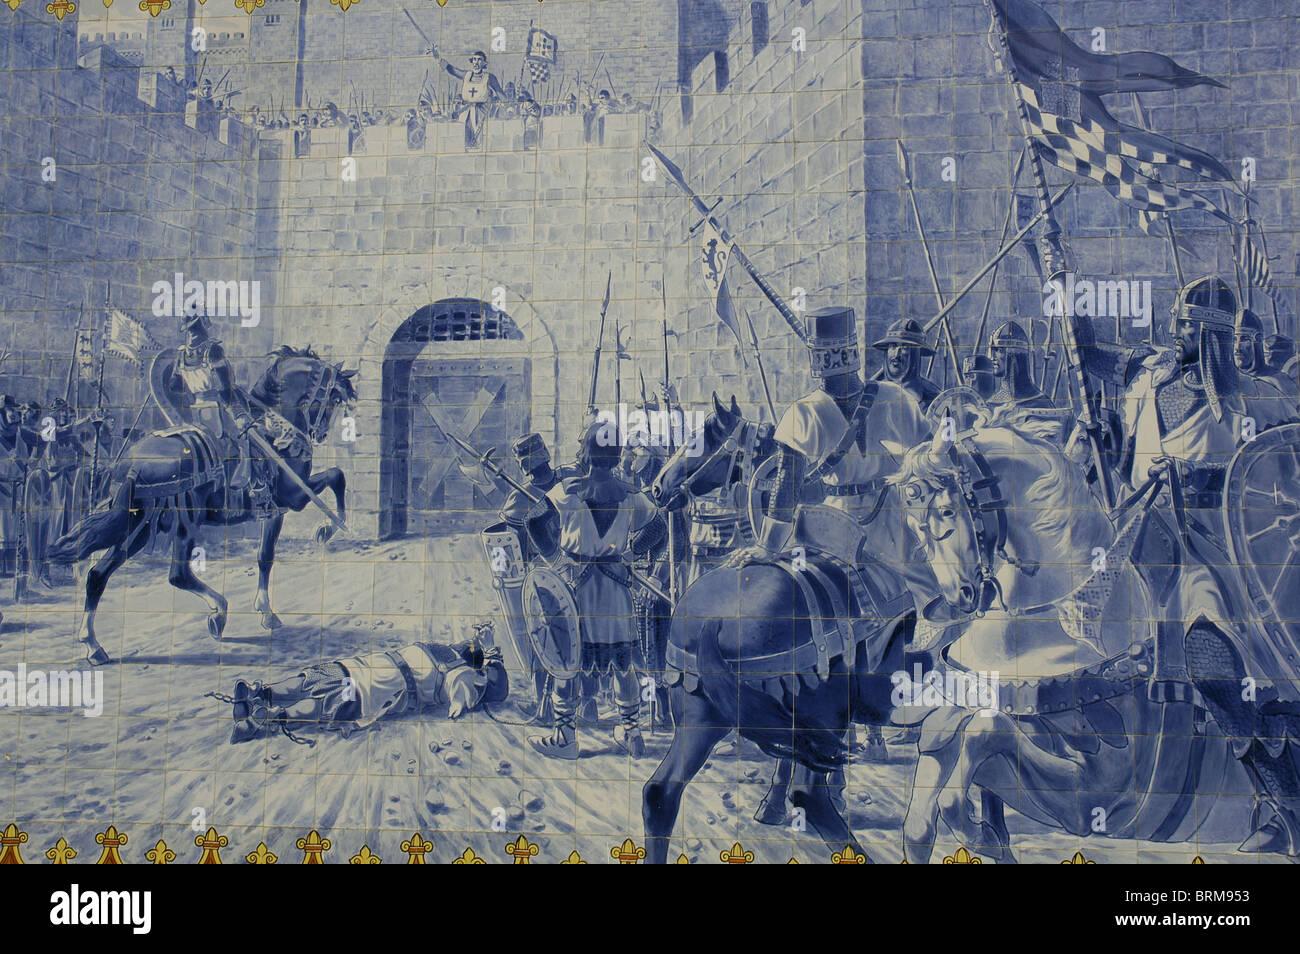 medieval siege stockfotos medieval siege bilder alamy. Black Bedroom Furniture Sets. Home Design Ideas